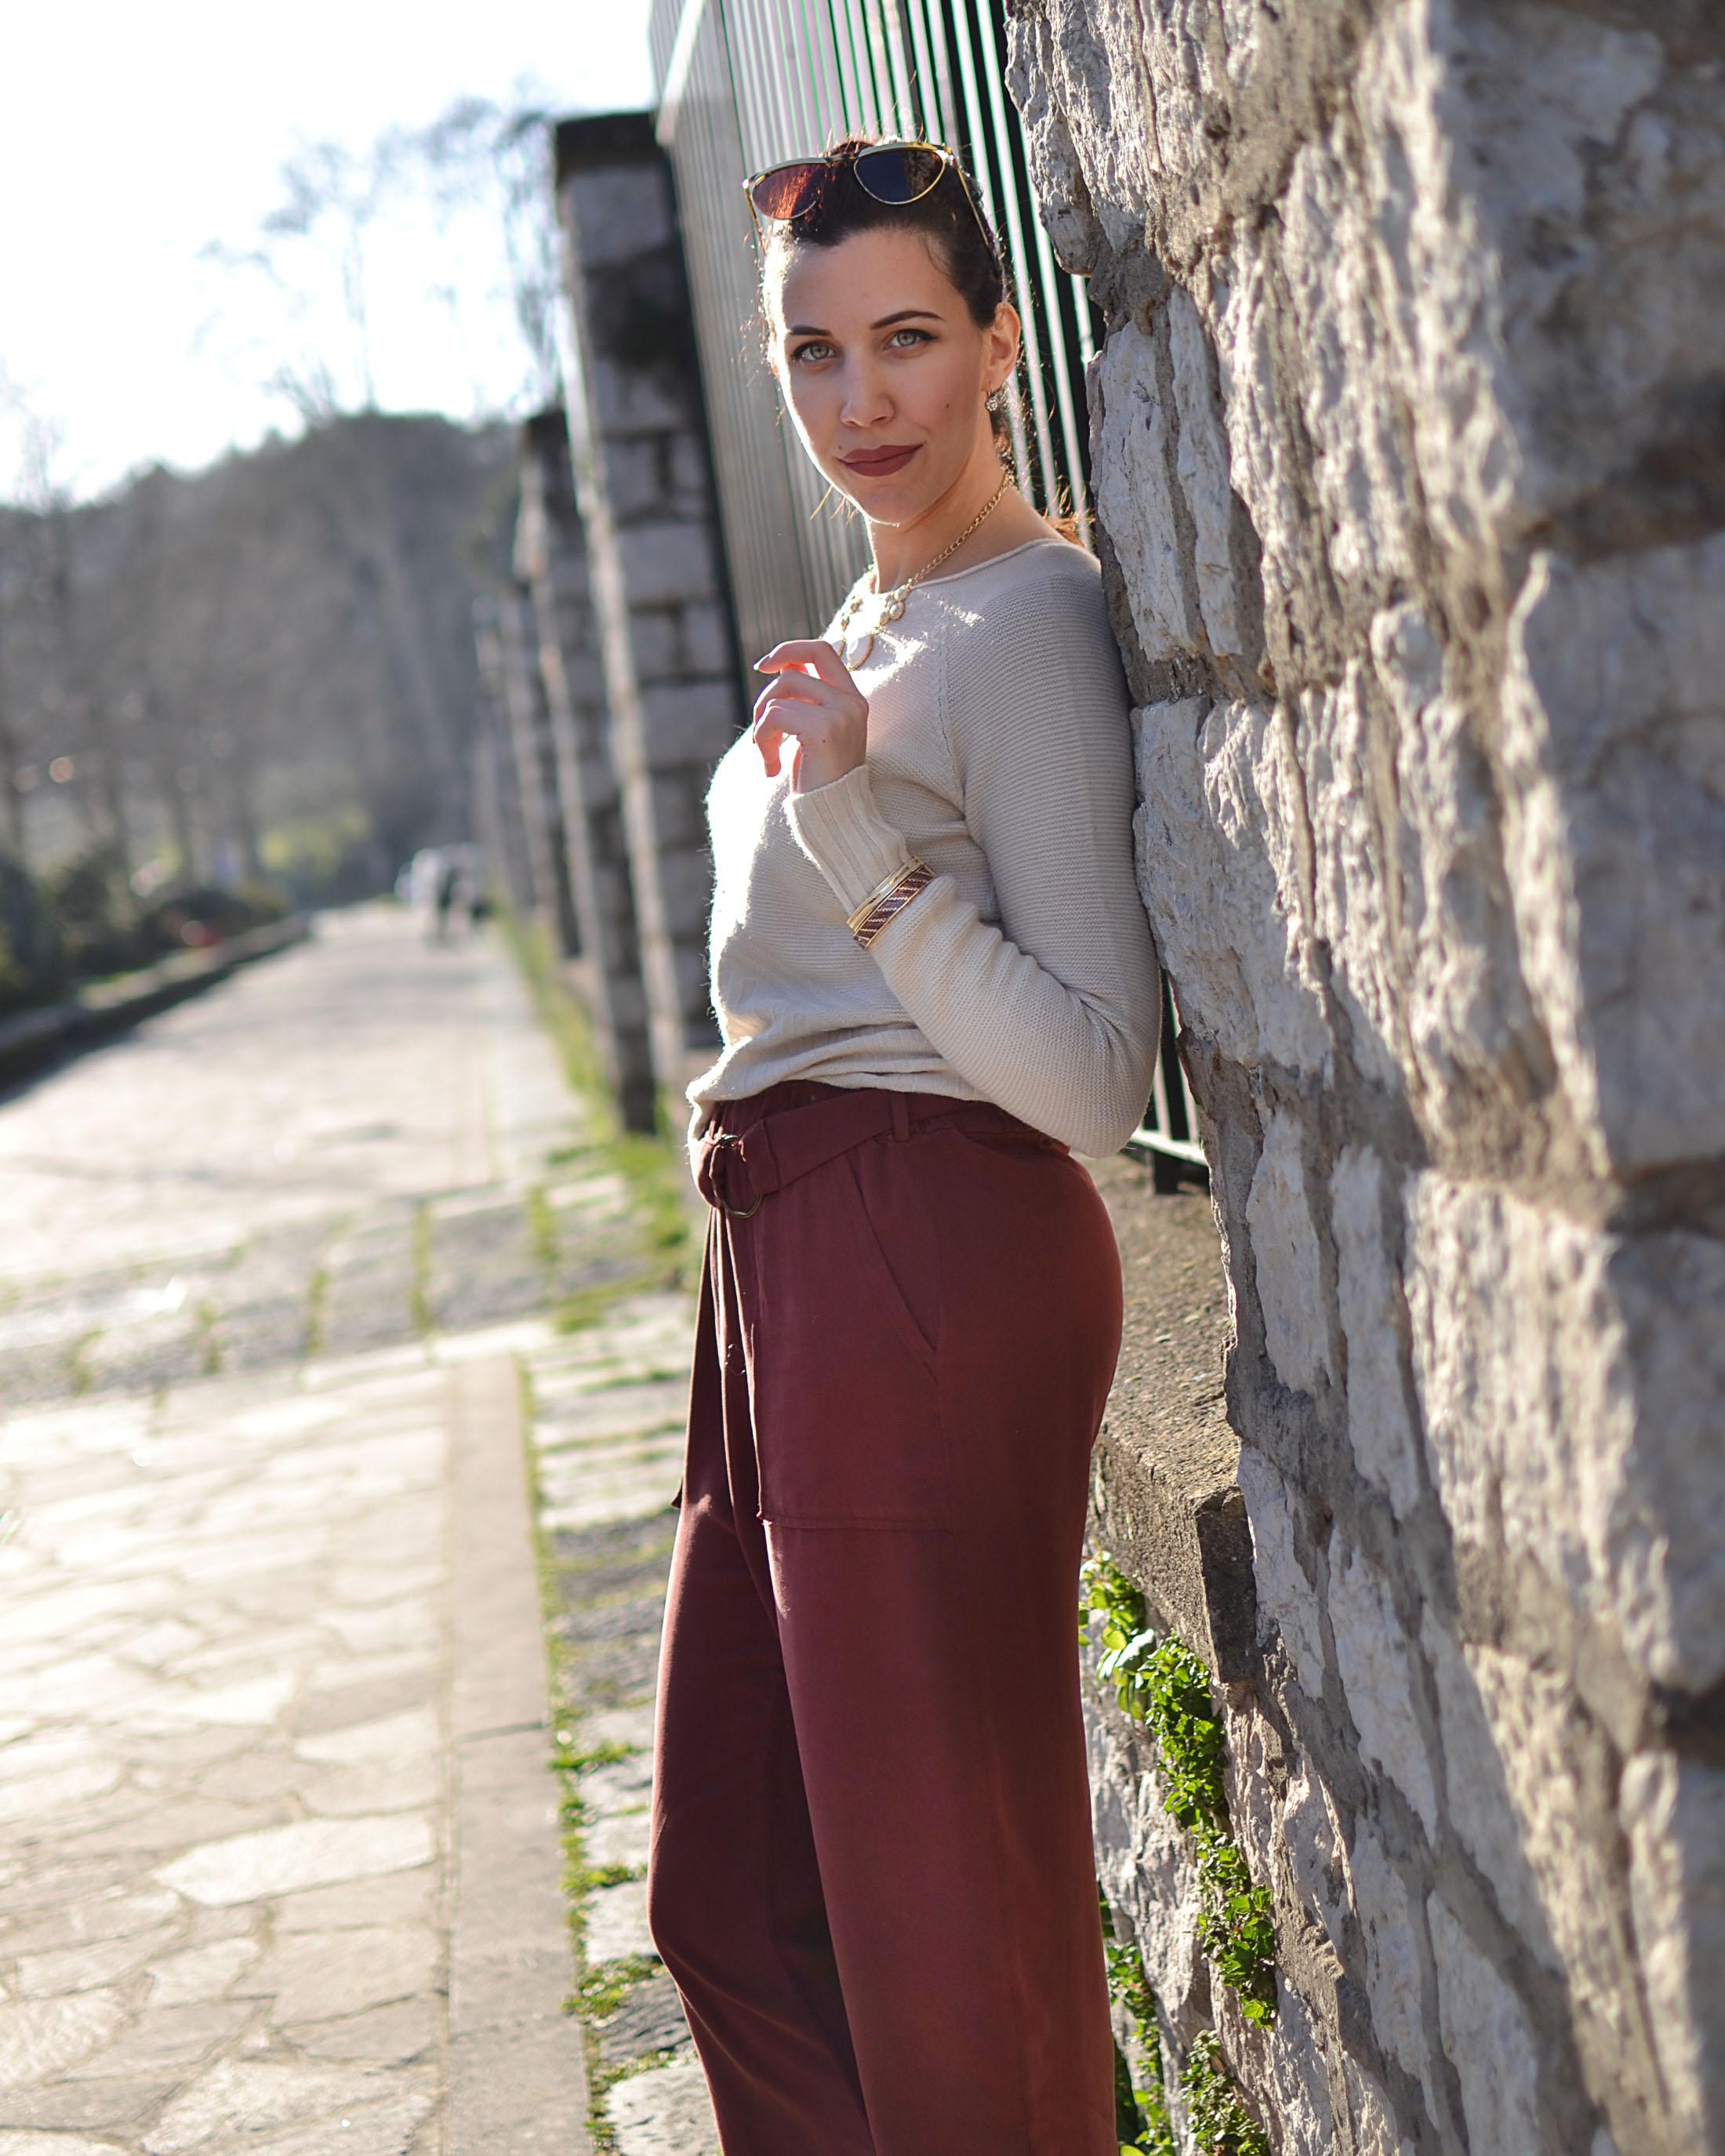 sandro ferrone maglie